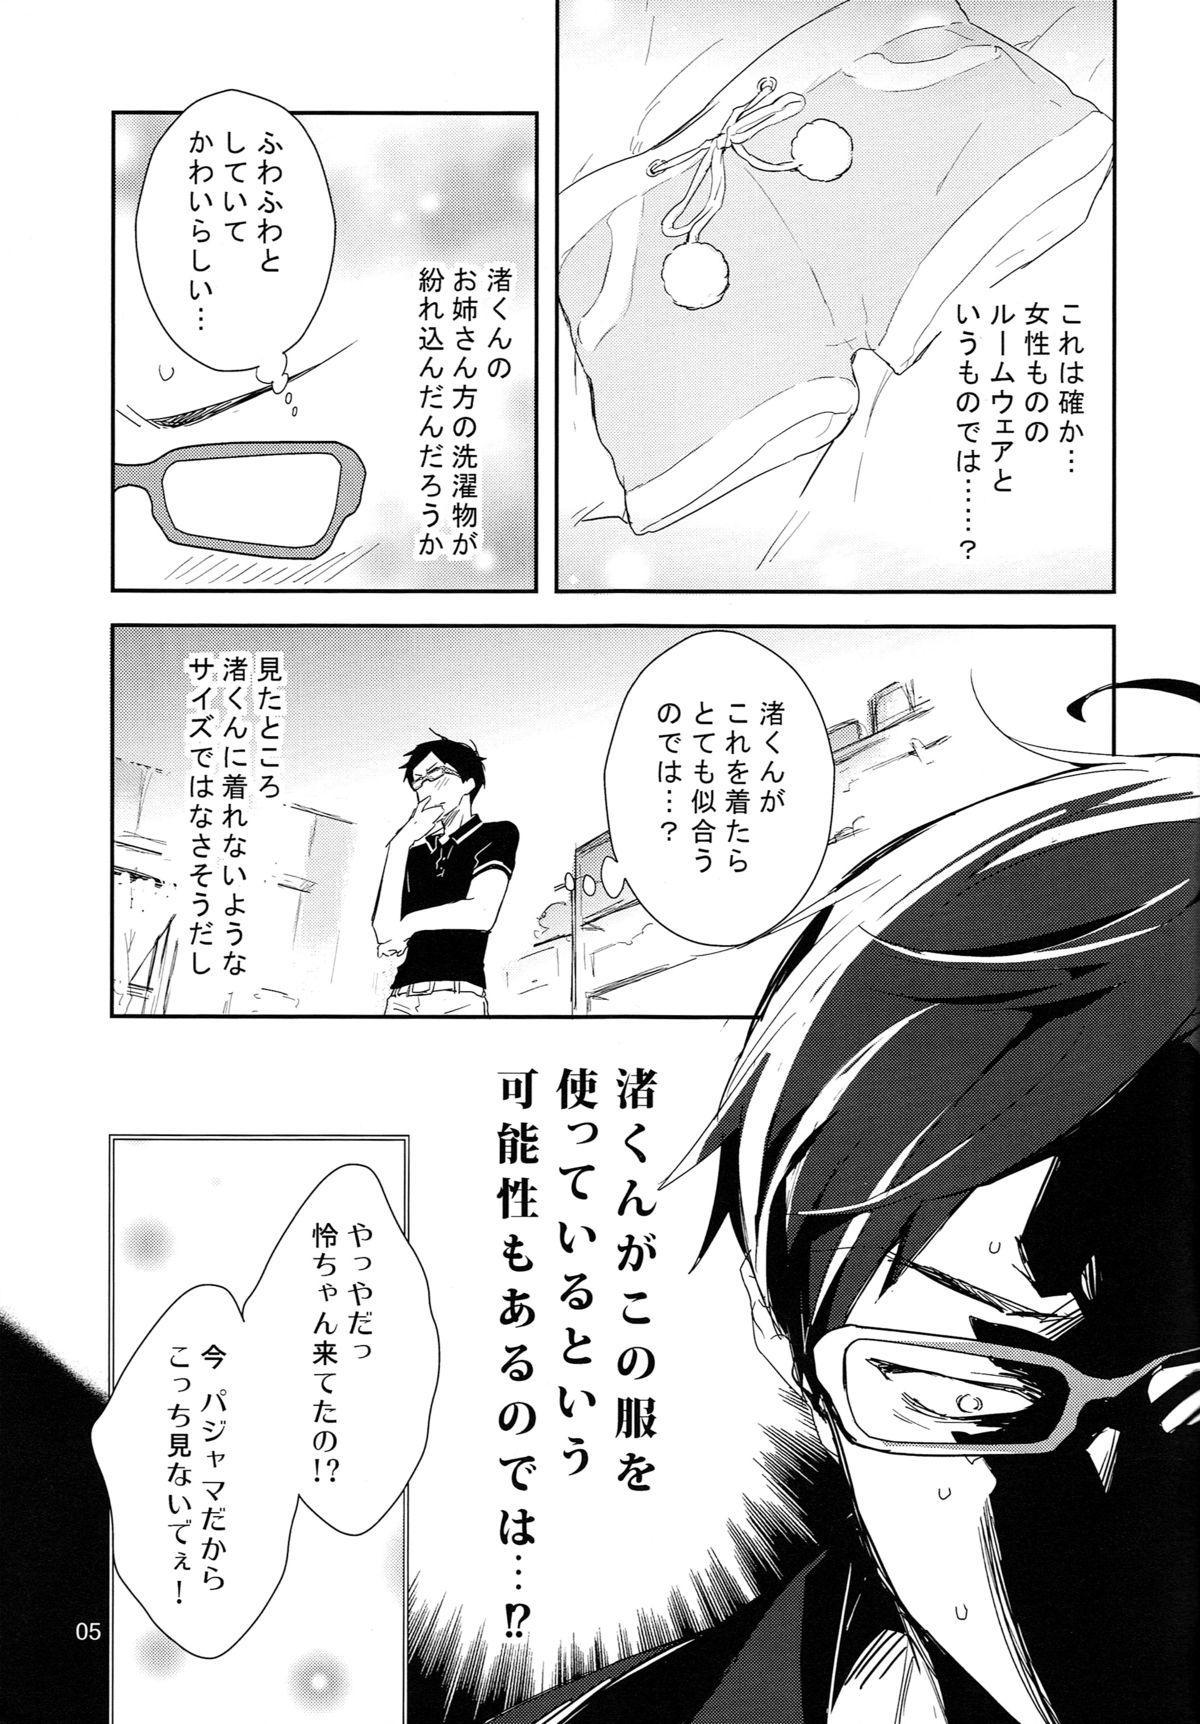 Ryuugazaki nanigashi wa seiyoku wo moteamashite iru. 3